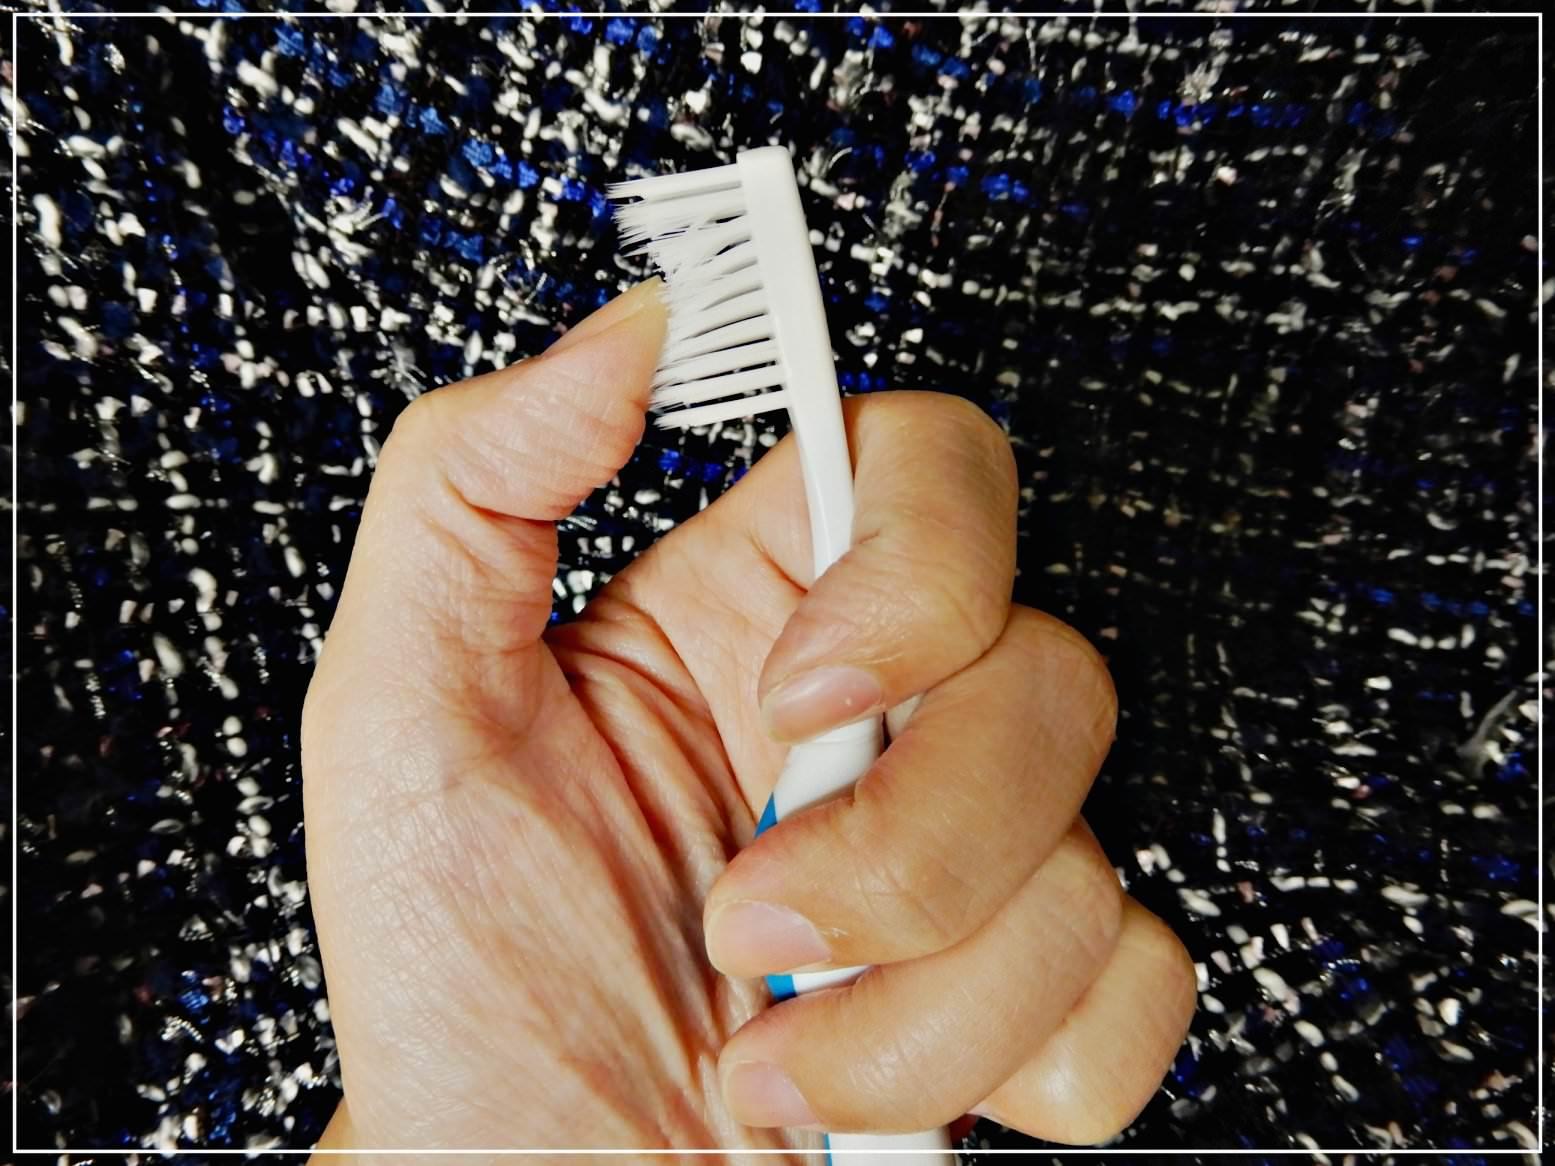 健康無價!情侶夫妻交換禮物推薦,看得見齒垢的赫睿LED替換式「潔淨光牙刷」